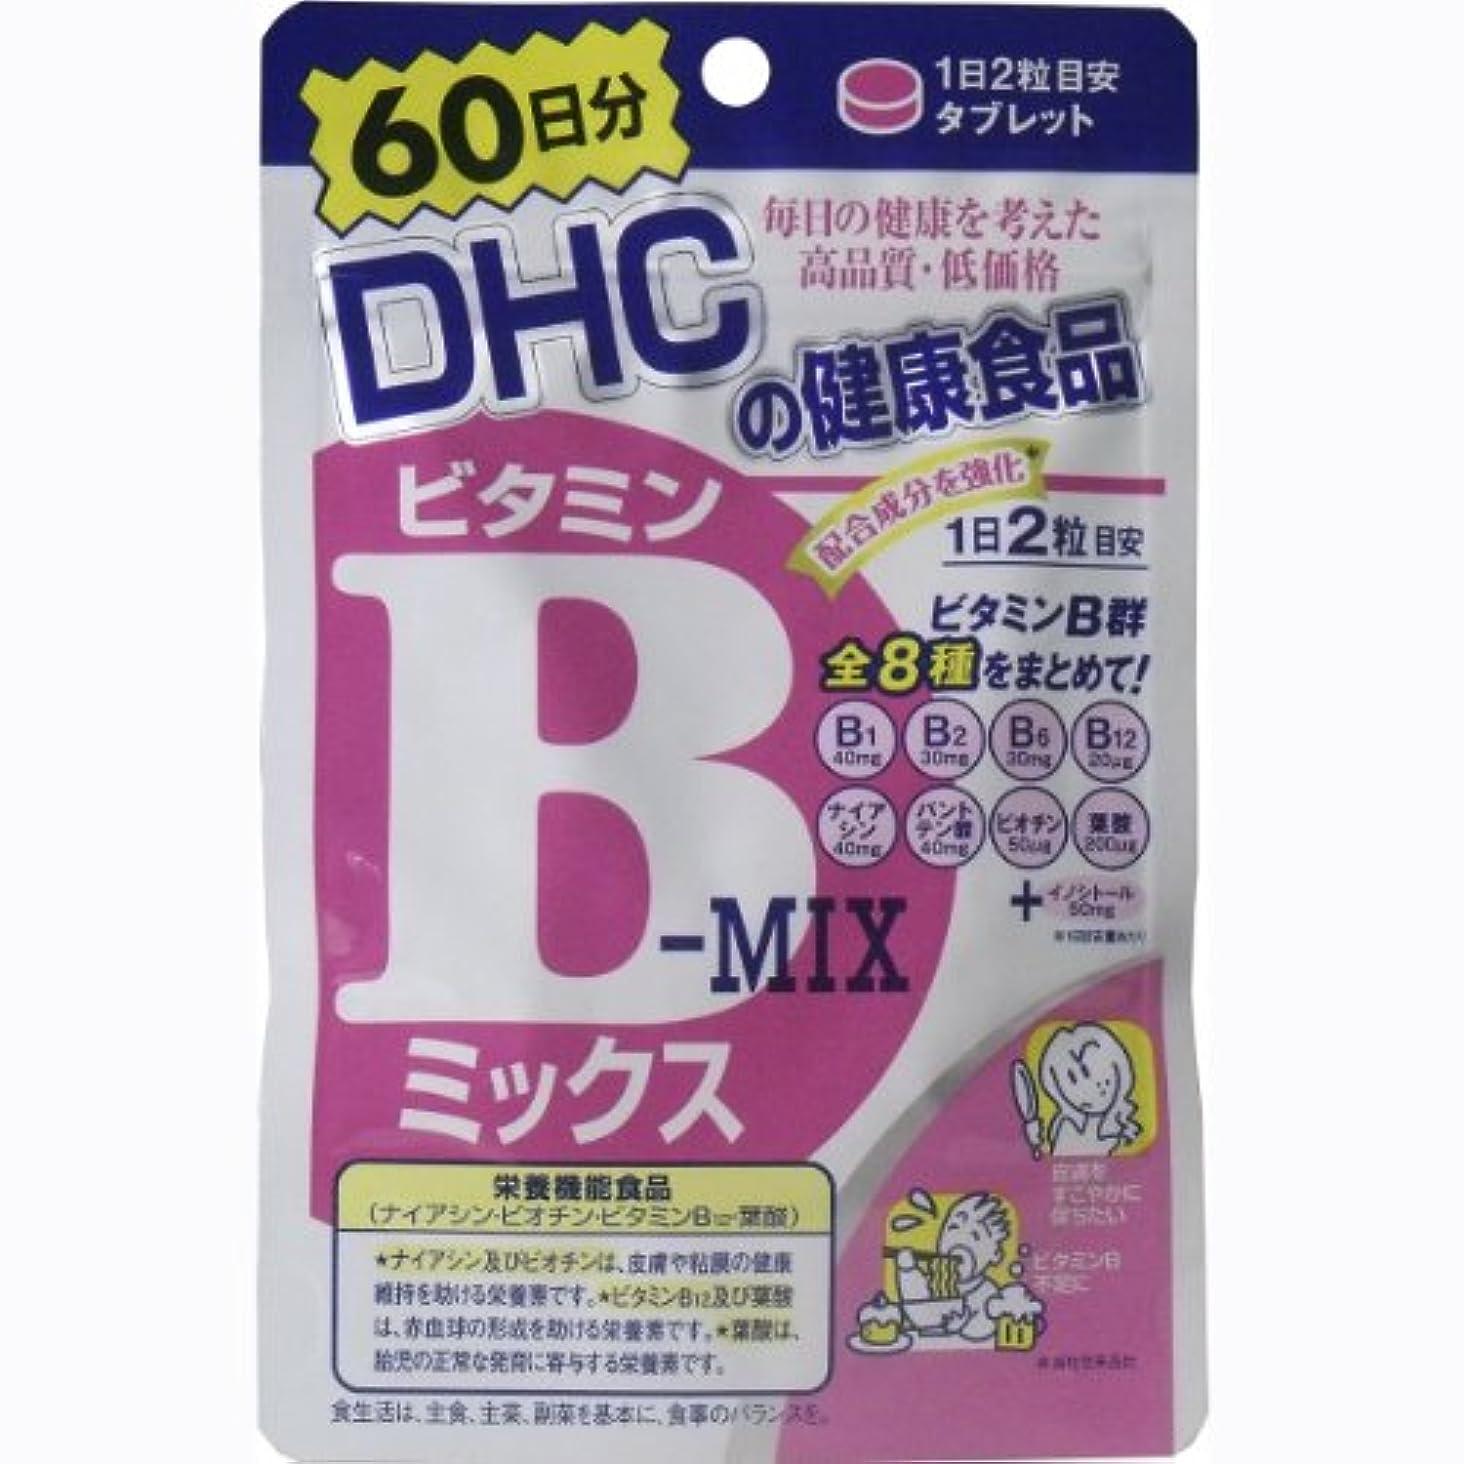 軍艦天国計算するDHC ビタミンBミックス 120粒 60日分「5点セット」